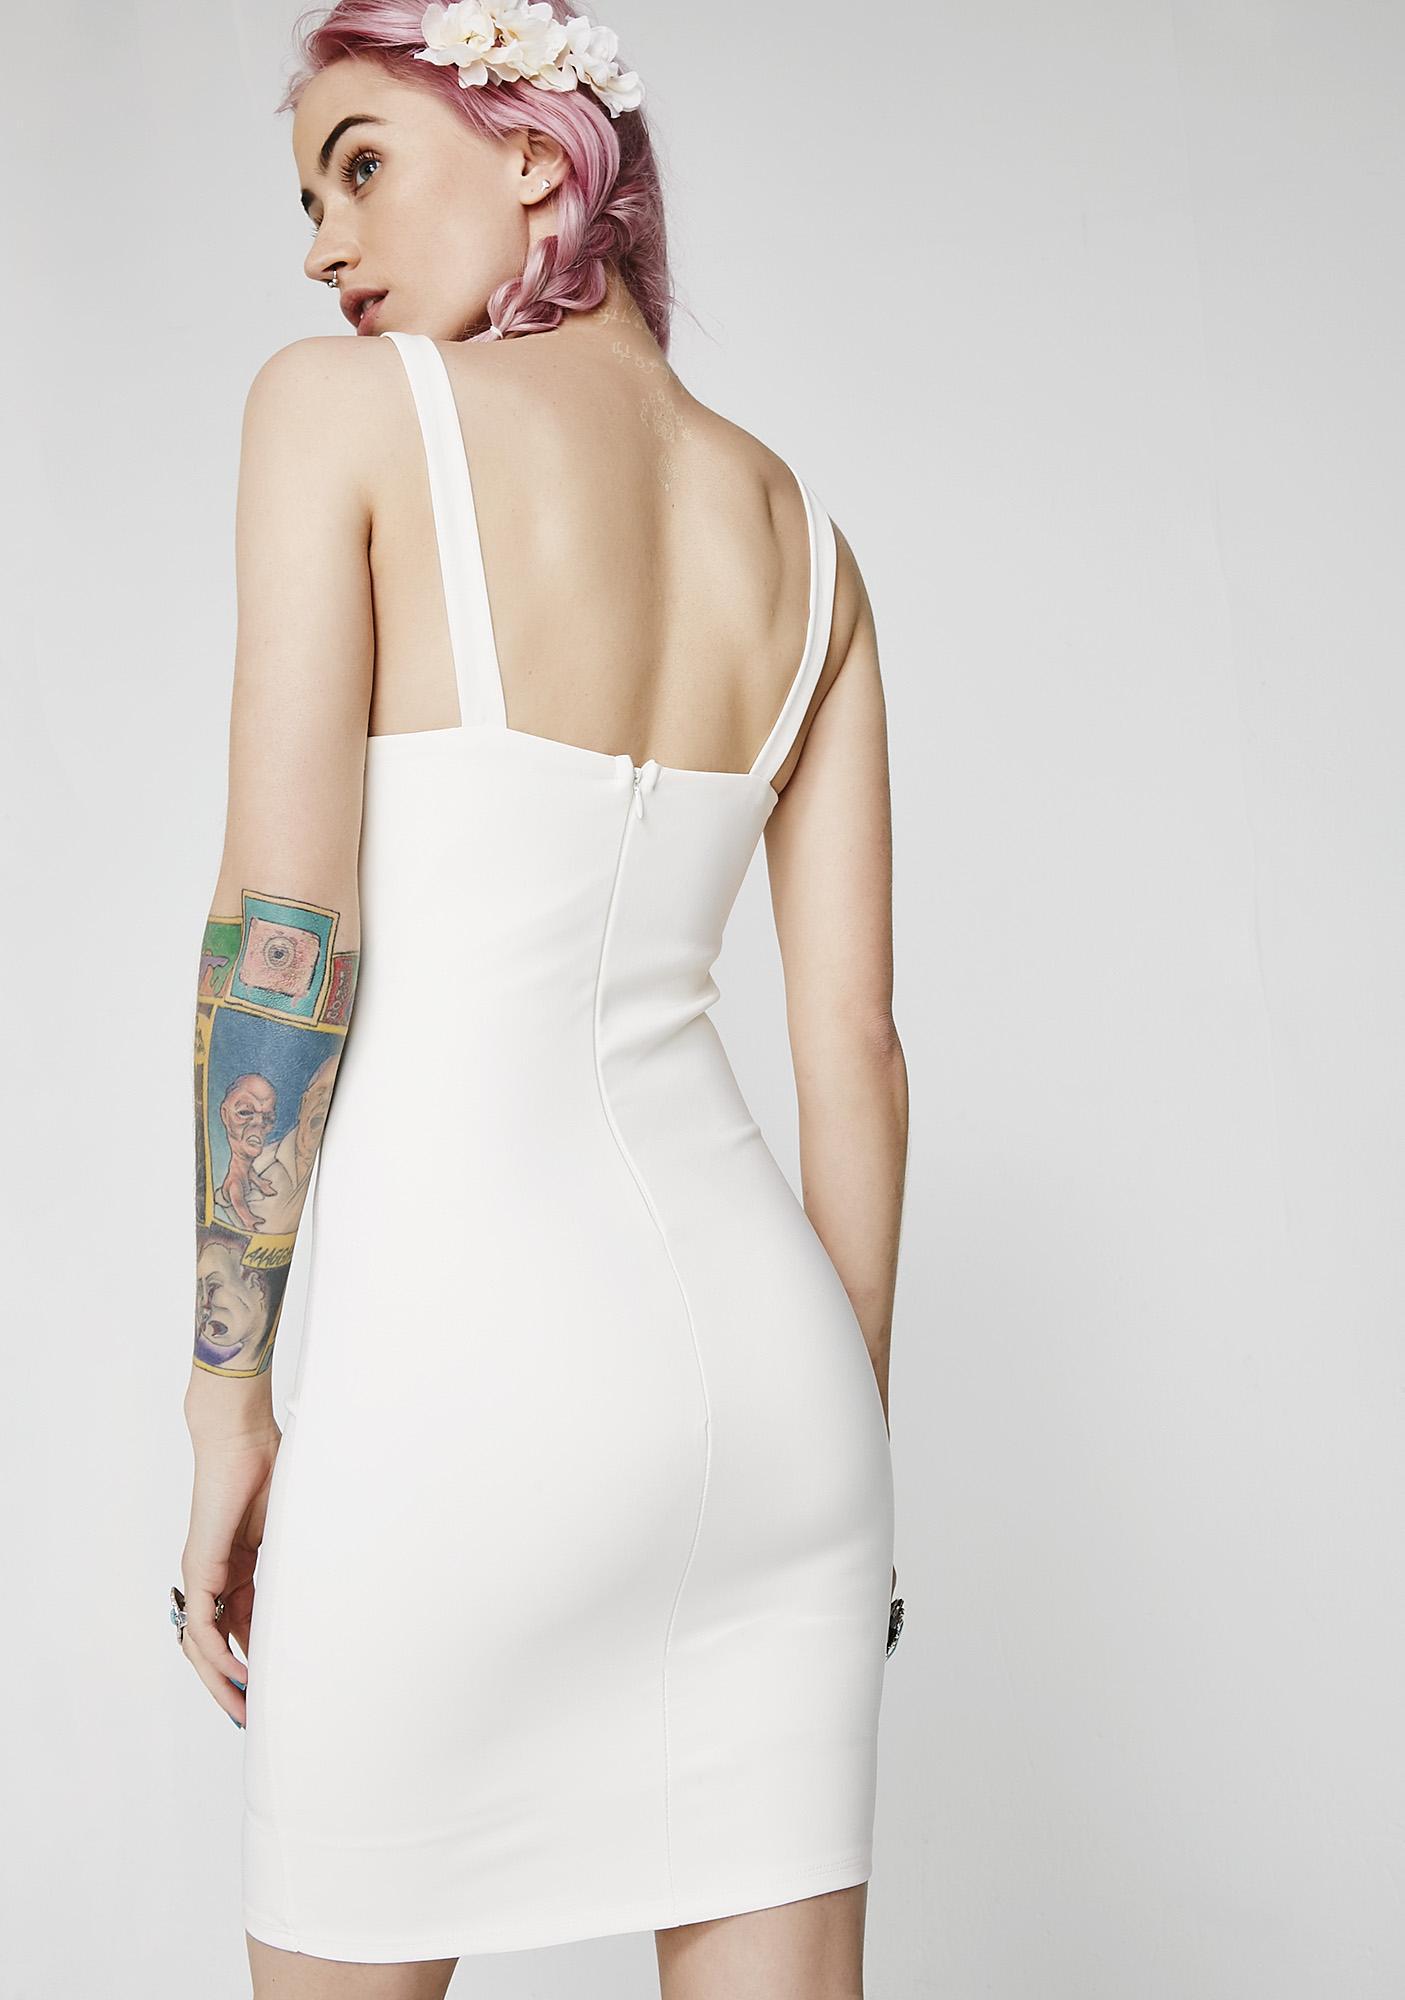 Next Baddie Buckle Dress